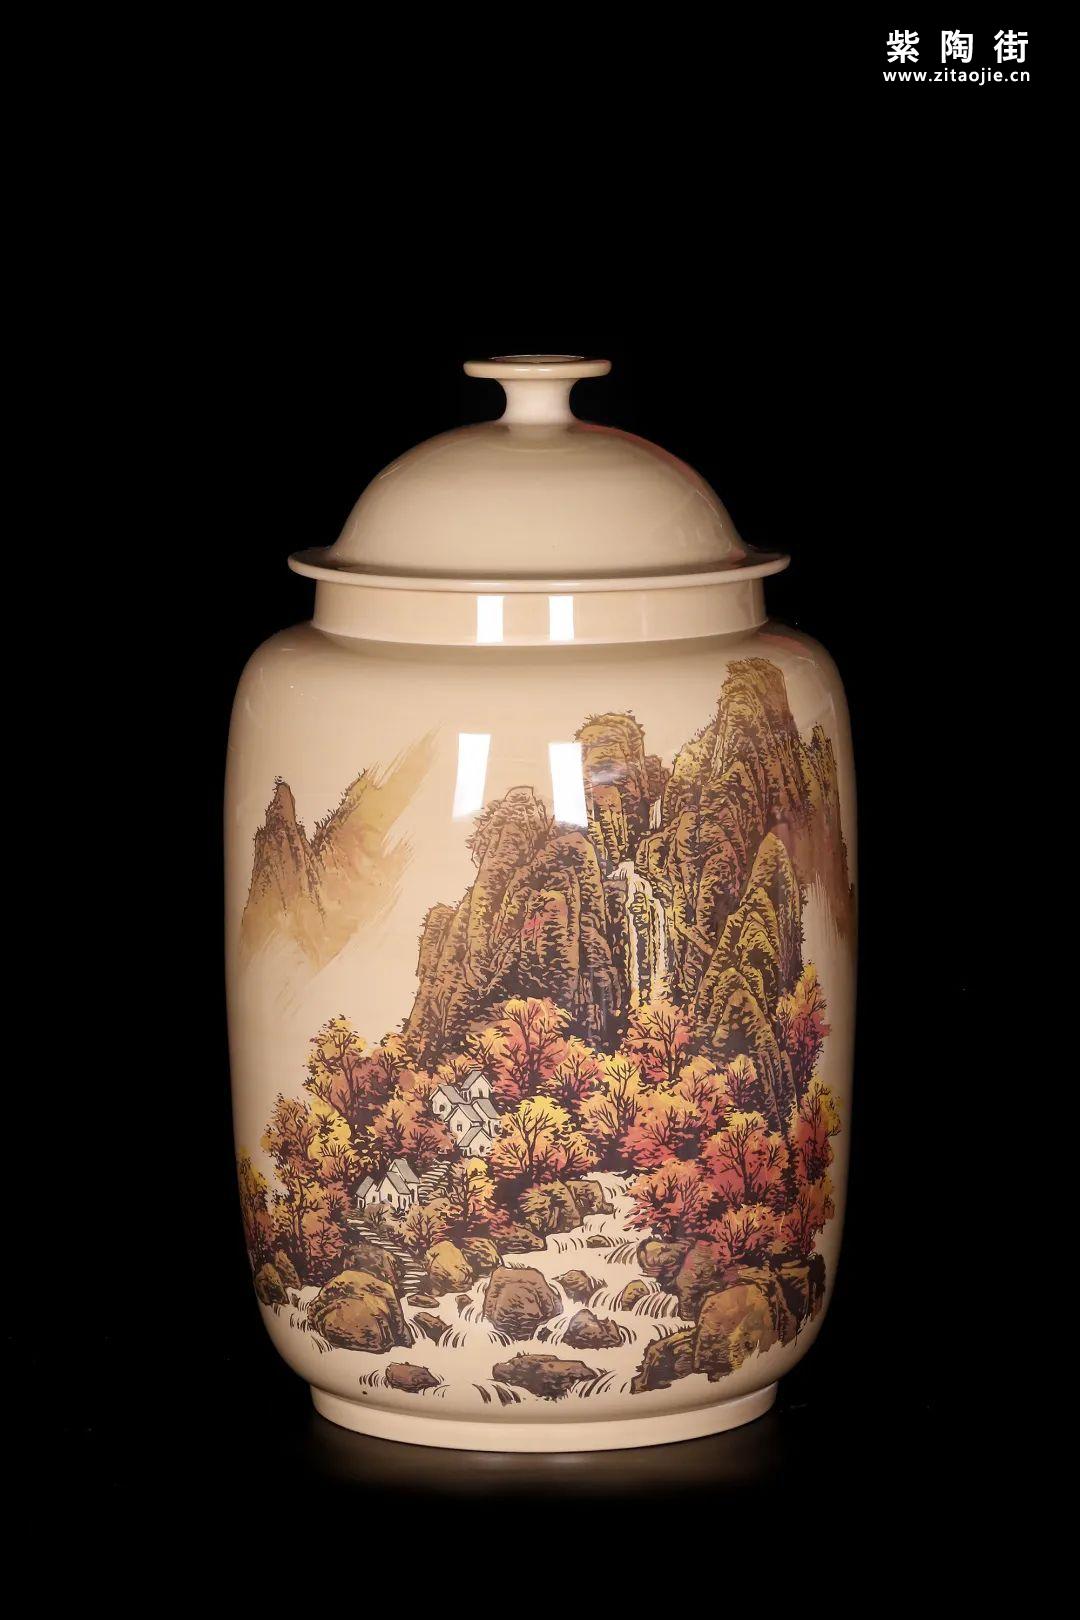 廖建忠、廖渊涵的青绿山水装饰紫陶缸插图